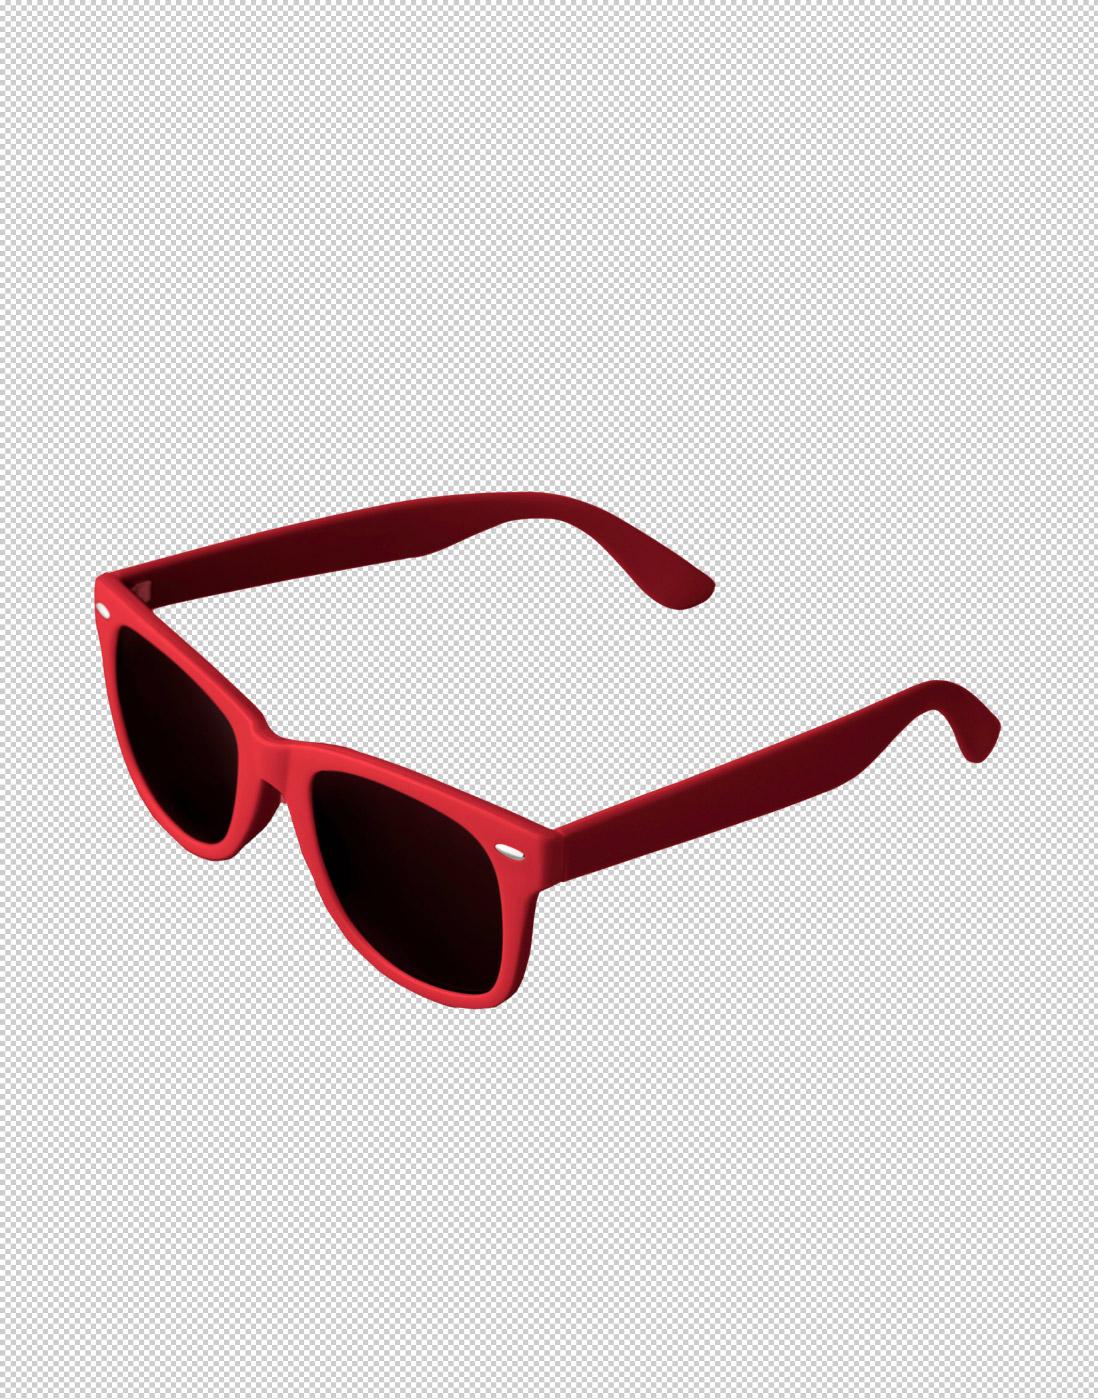 sonnenbrille-rot-hintergrund